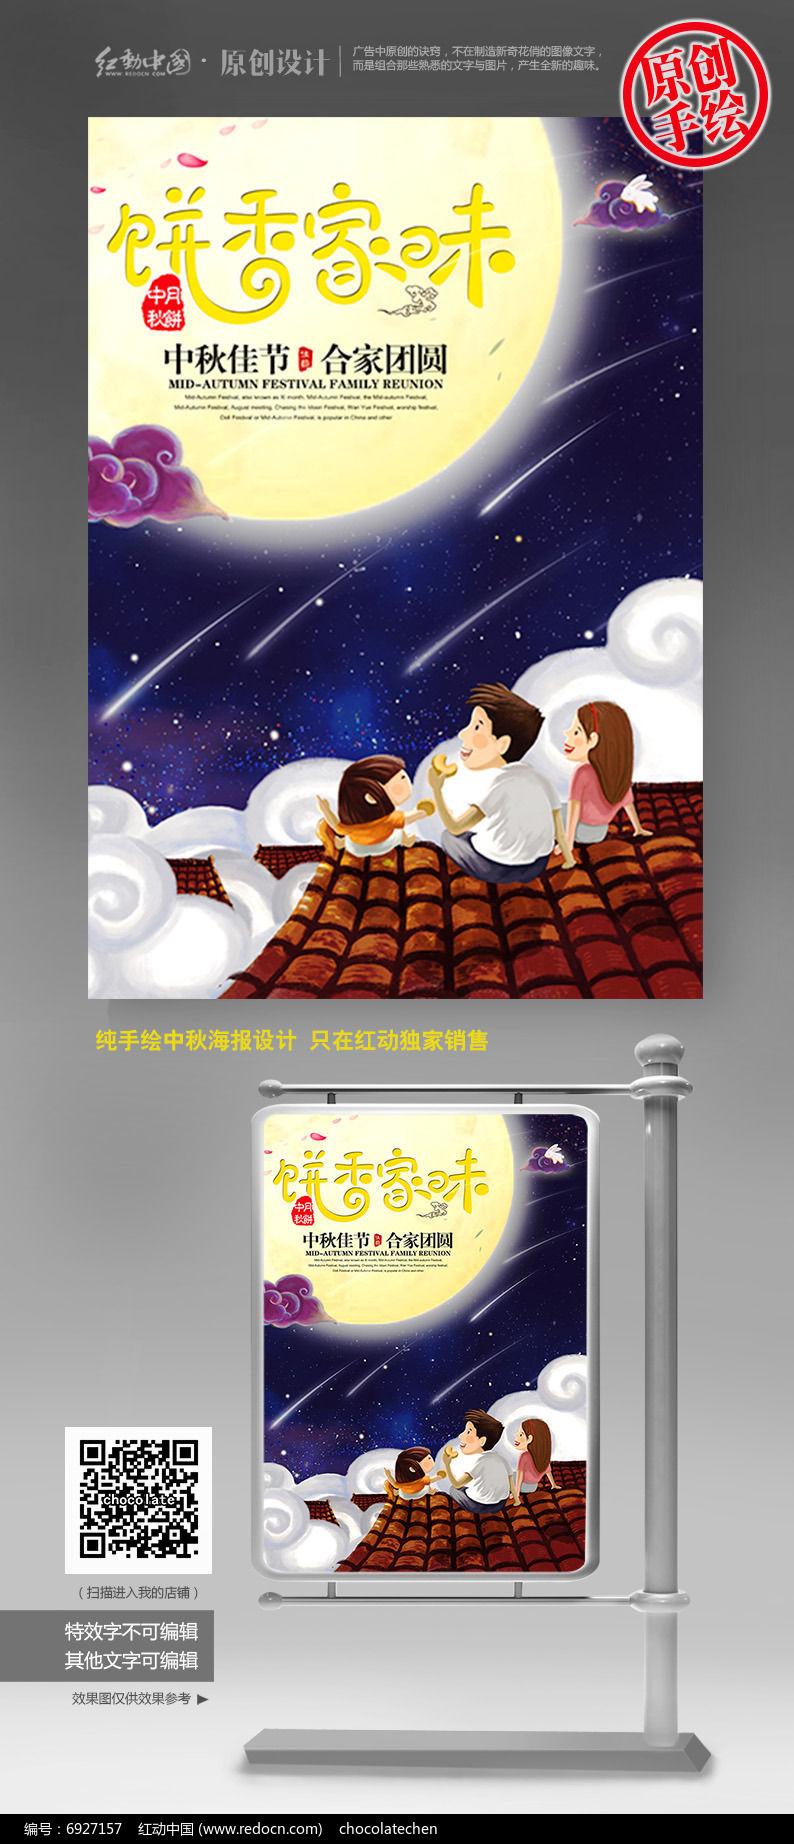 合家团圆赏月户外活动宣传海报图片